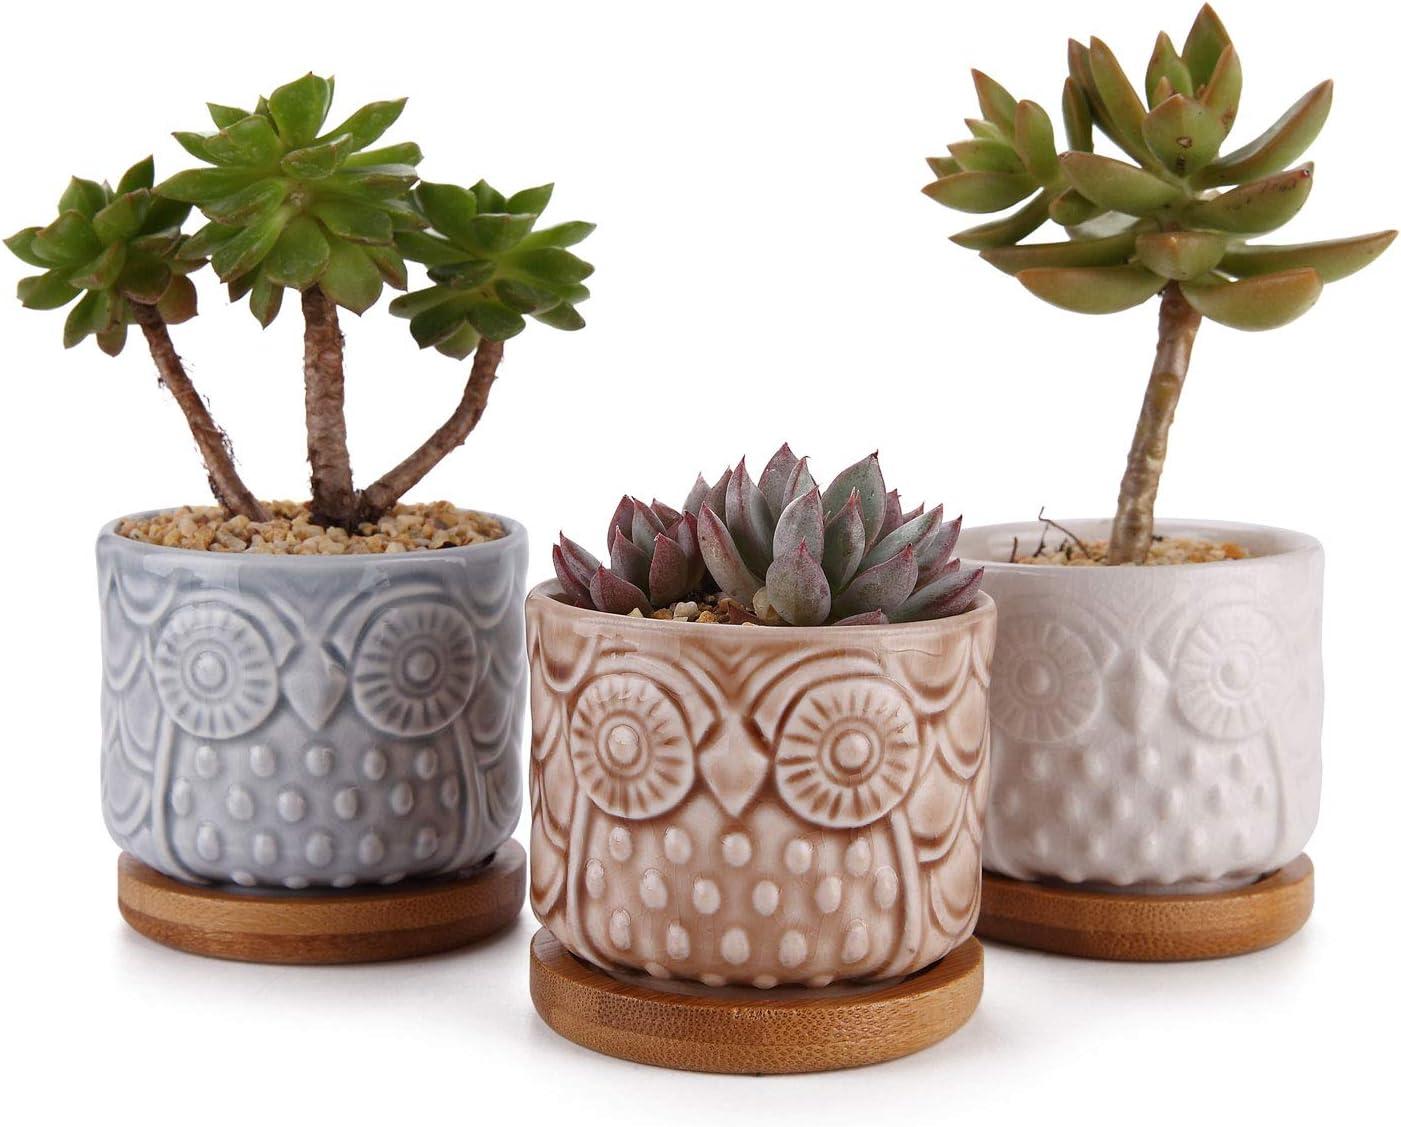 T4U Planta Maceta de Suculento Vidriado 6.5CM Paquete de 6, Cactus Maceteros de Ventana Cajas Decoración para Mesa de Comedor de Estar Regalo para Cumpleaños Boda Navidad